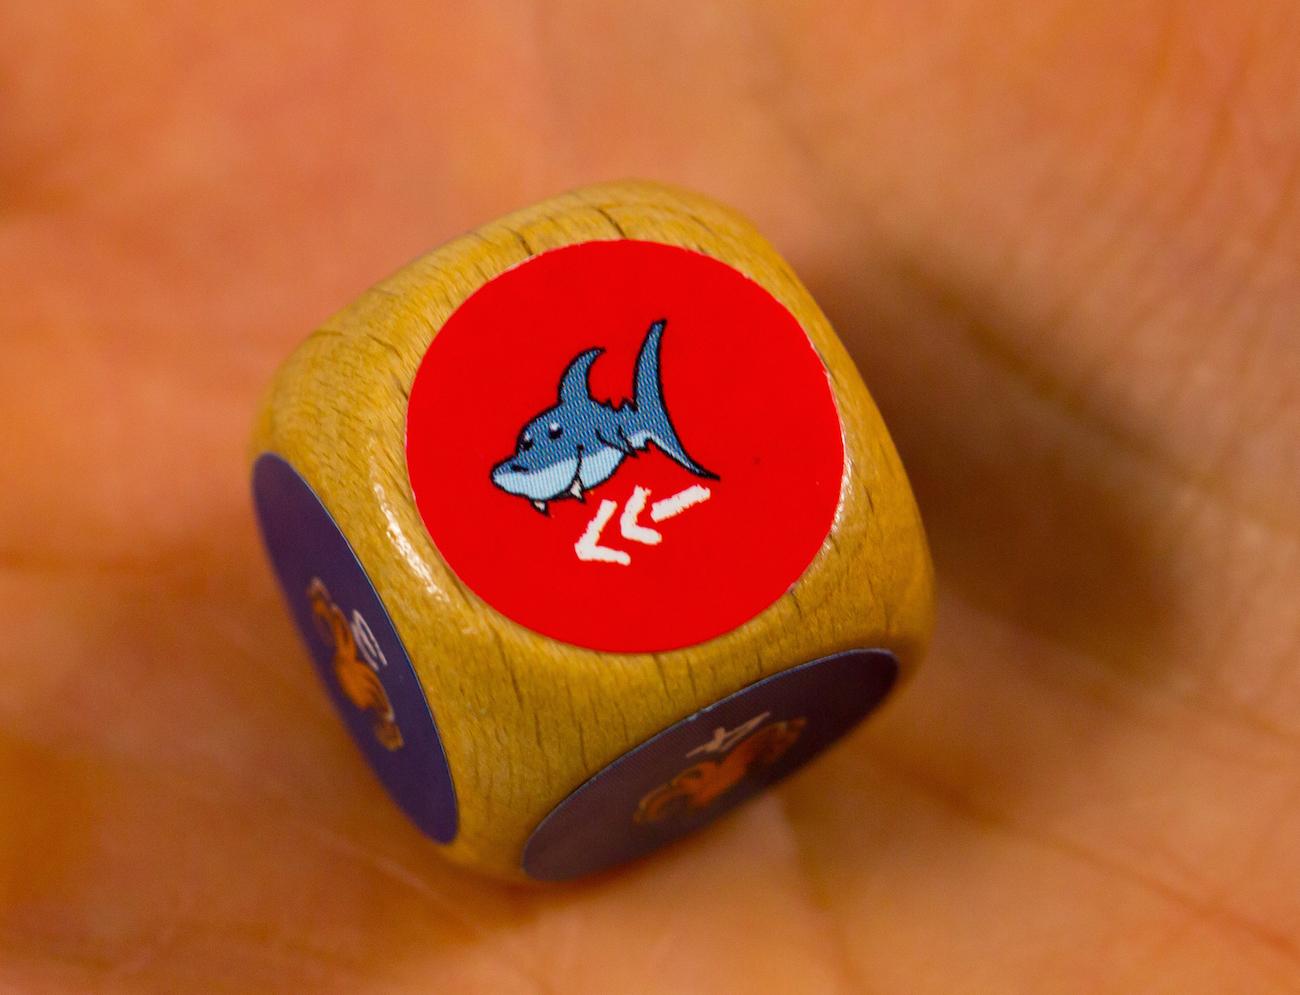 Két uszonyos cápa: a tábla forgatható cápája két mezővel arrébb vándorol.